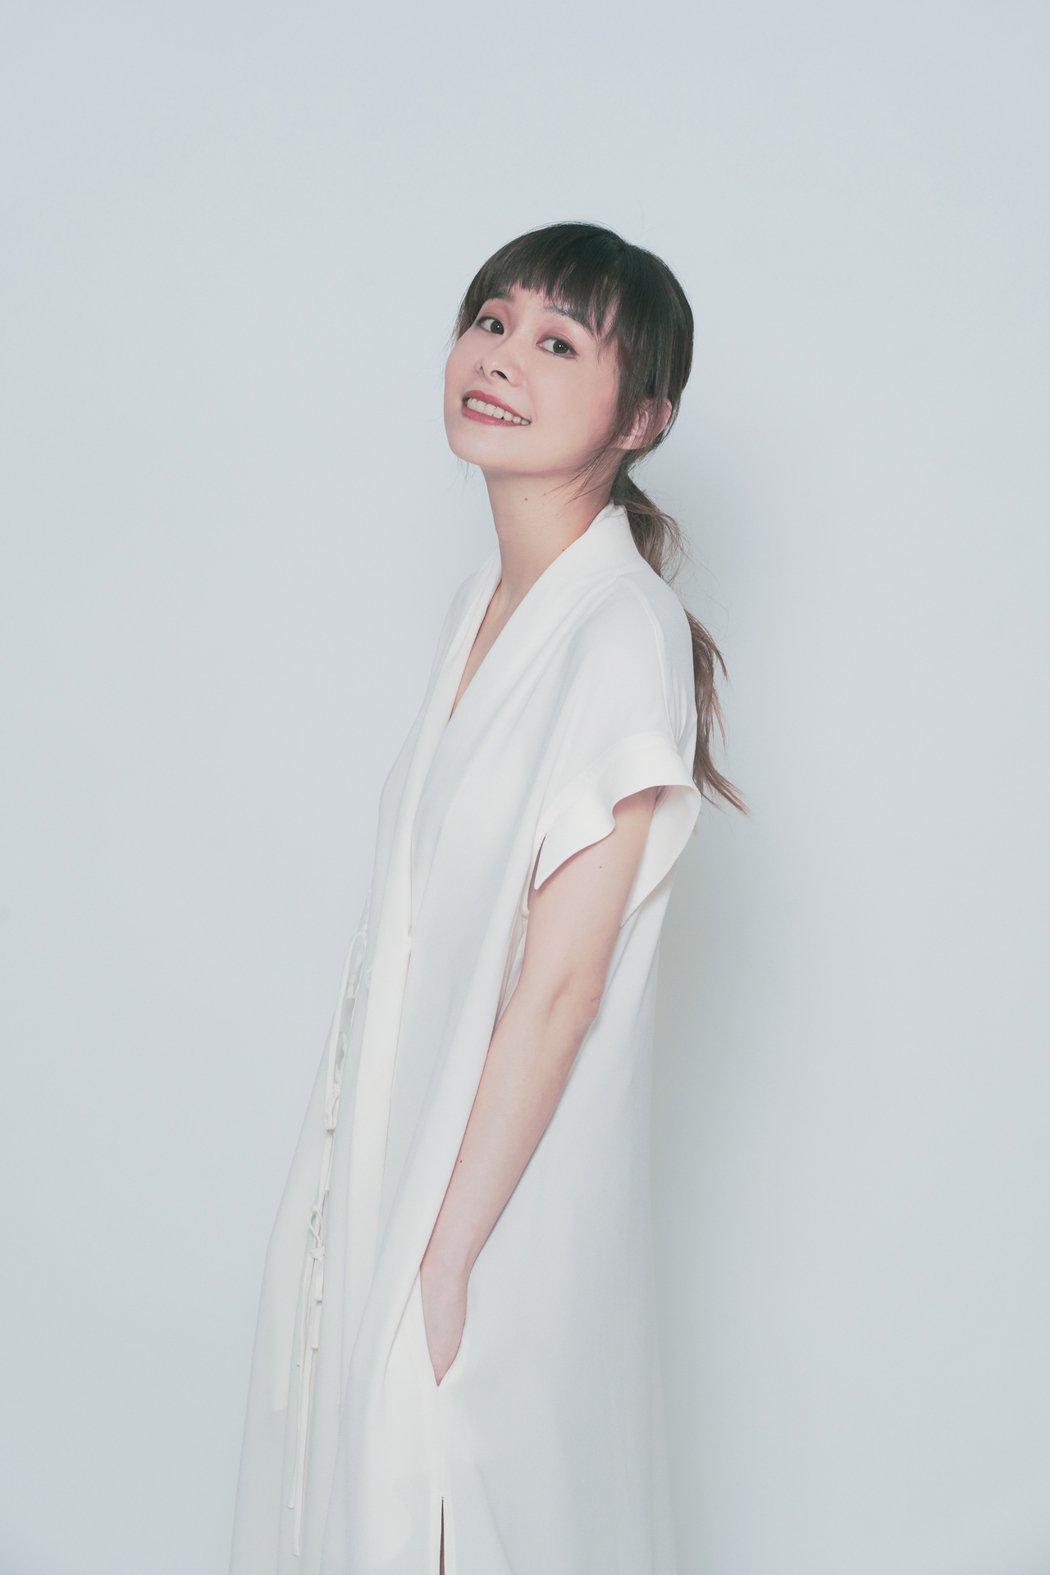 鄭宜農首度參加「都市女聲」系列演唱會。圖/Legacy提供